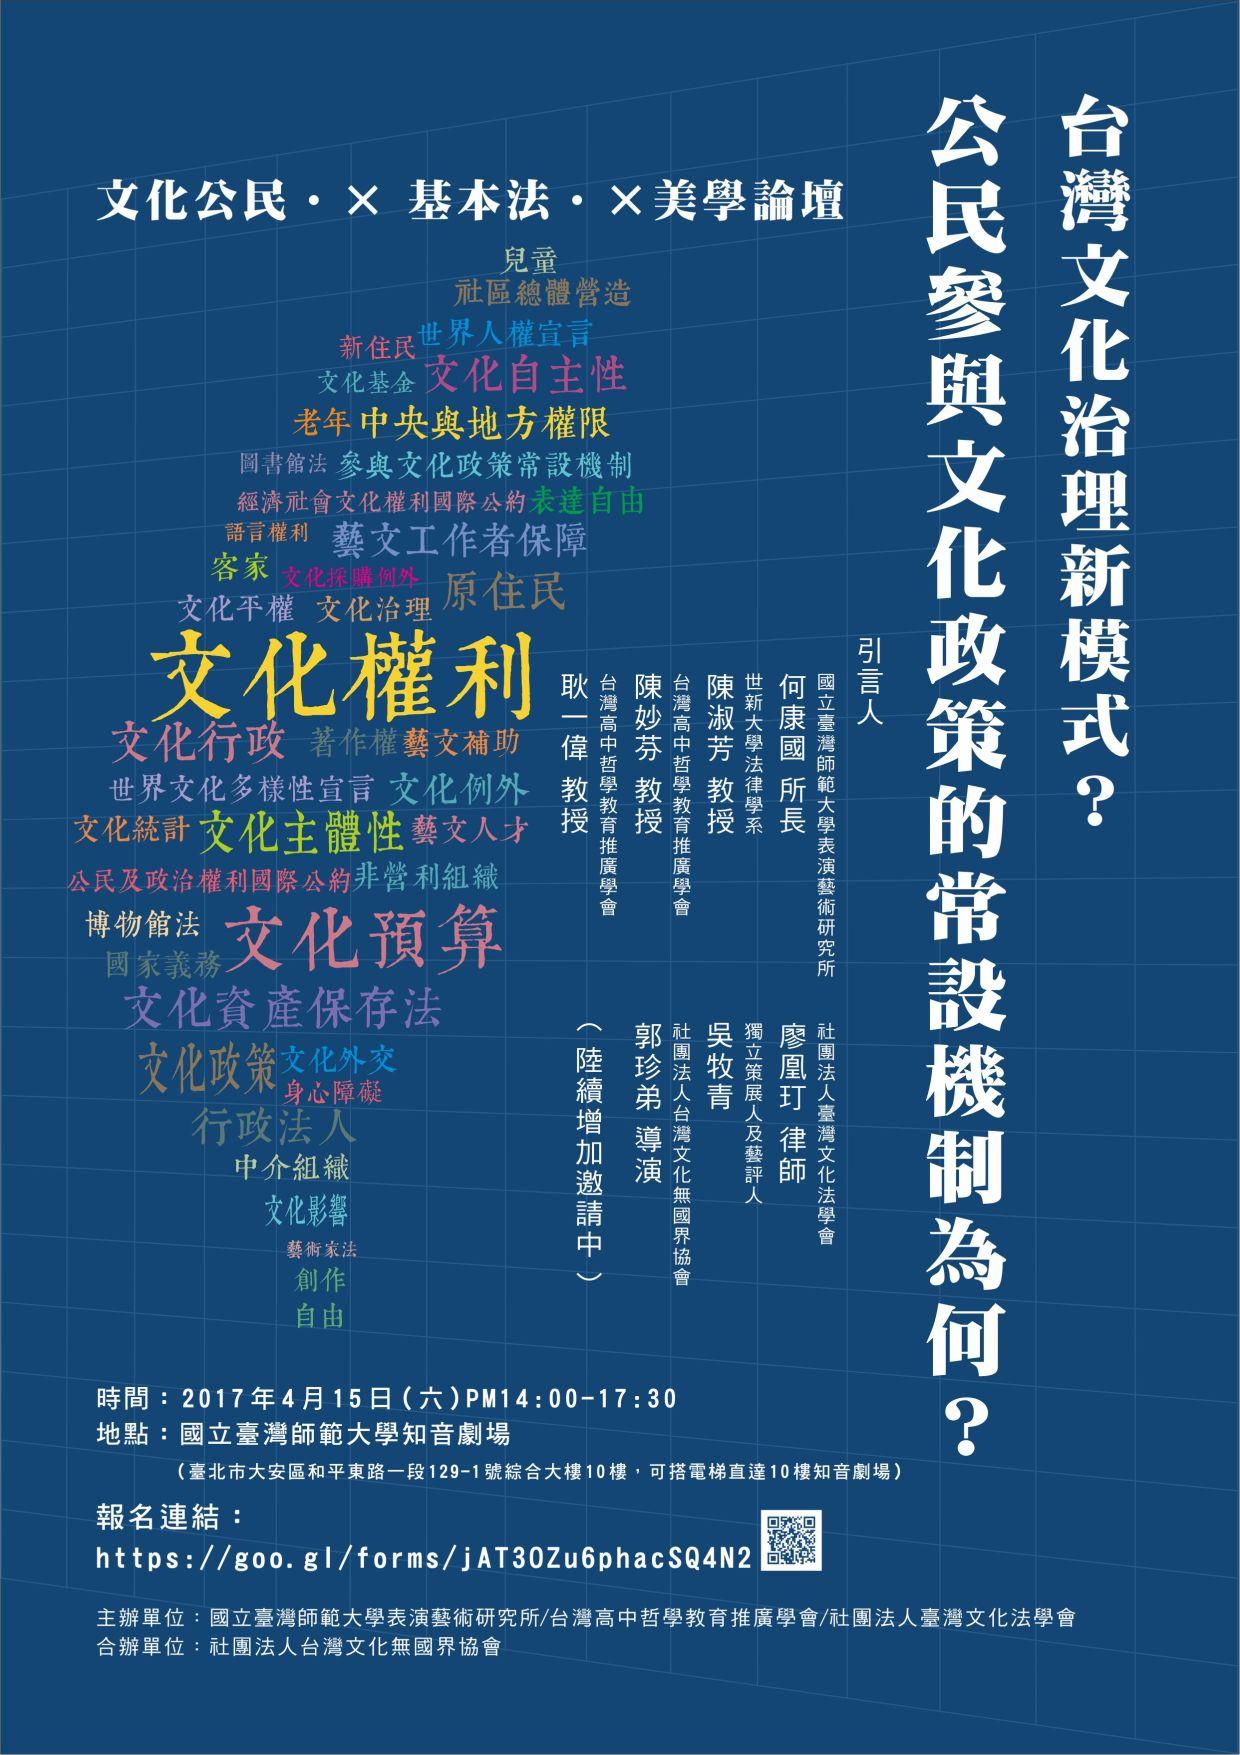 2017台灣文化治理新模式